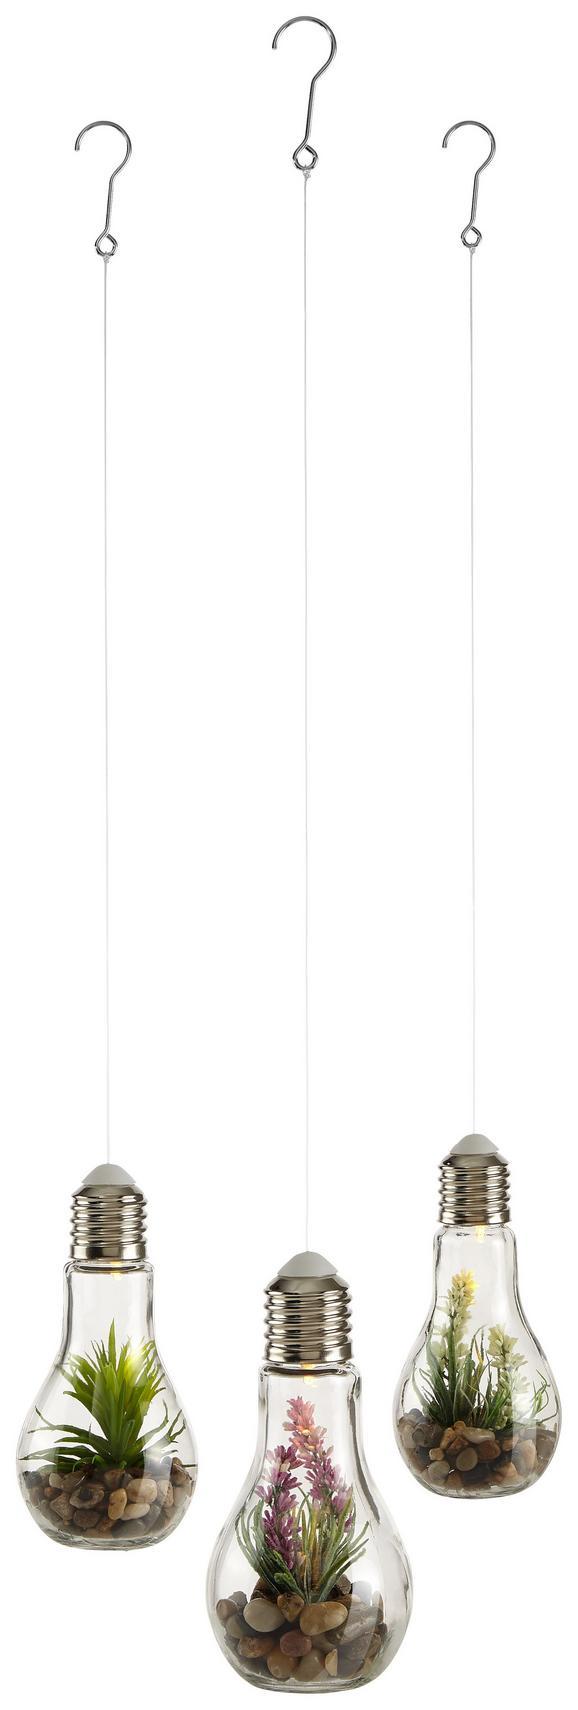 LED-Dekoleuchte Bettina verschiedene Designs - Glas/Kunststoff (9/9/18cm)